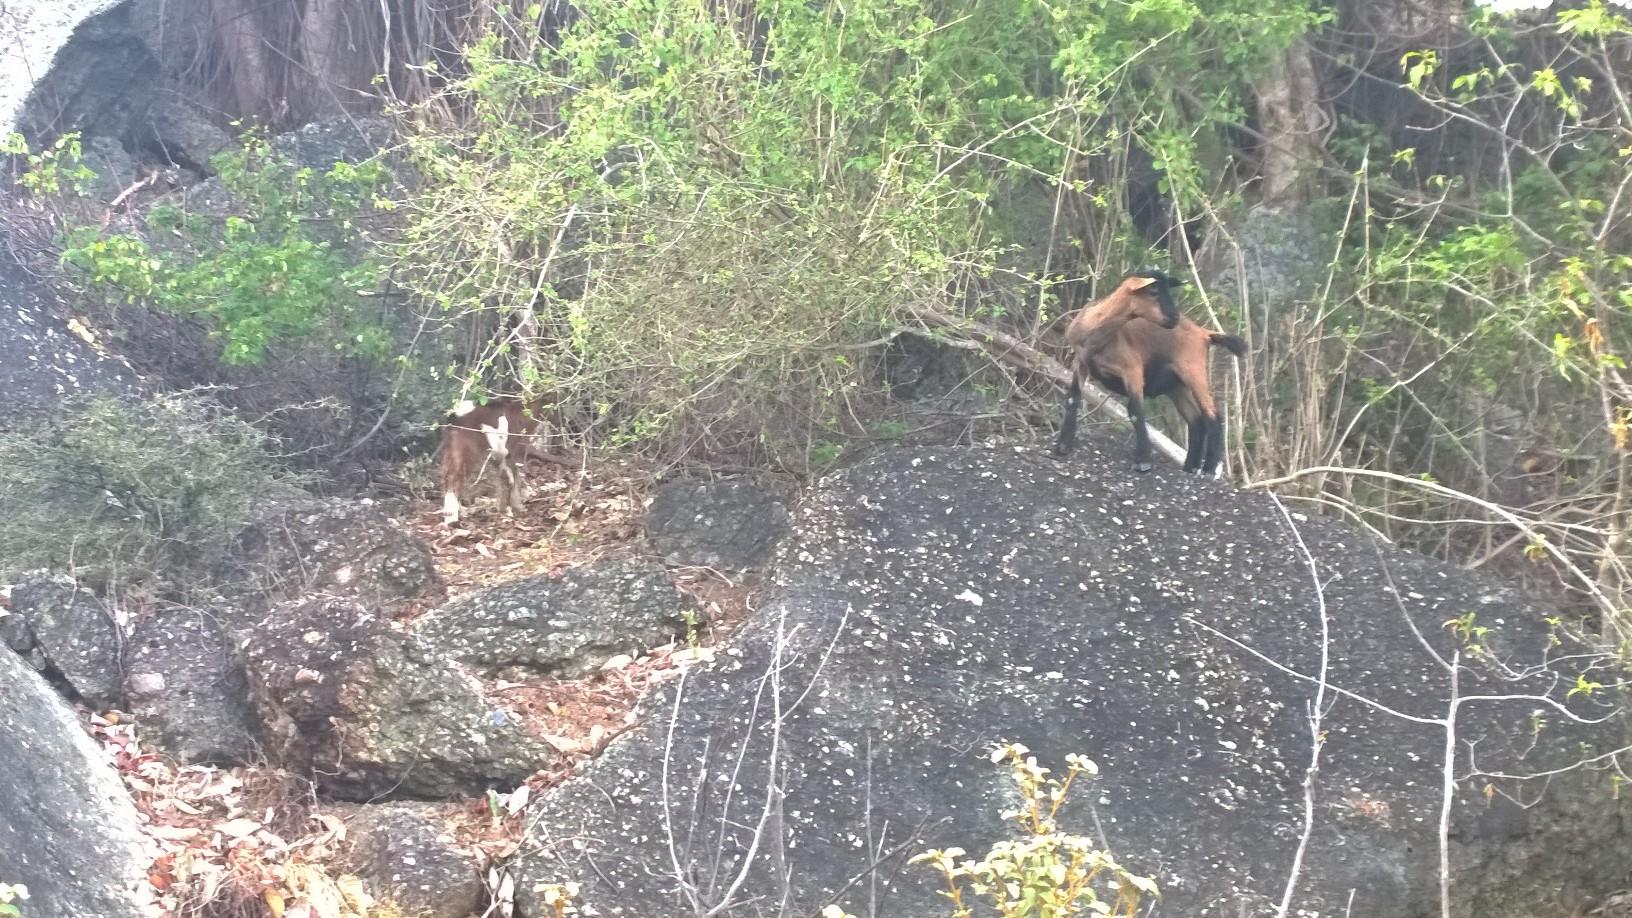 Pikkuiset kilipukit polun varrella. Koko Jost Van Dyken saari oli täynnä pikkukilejä.